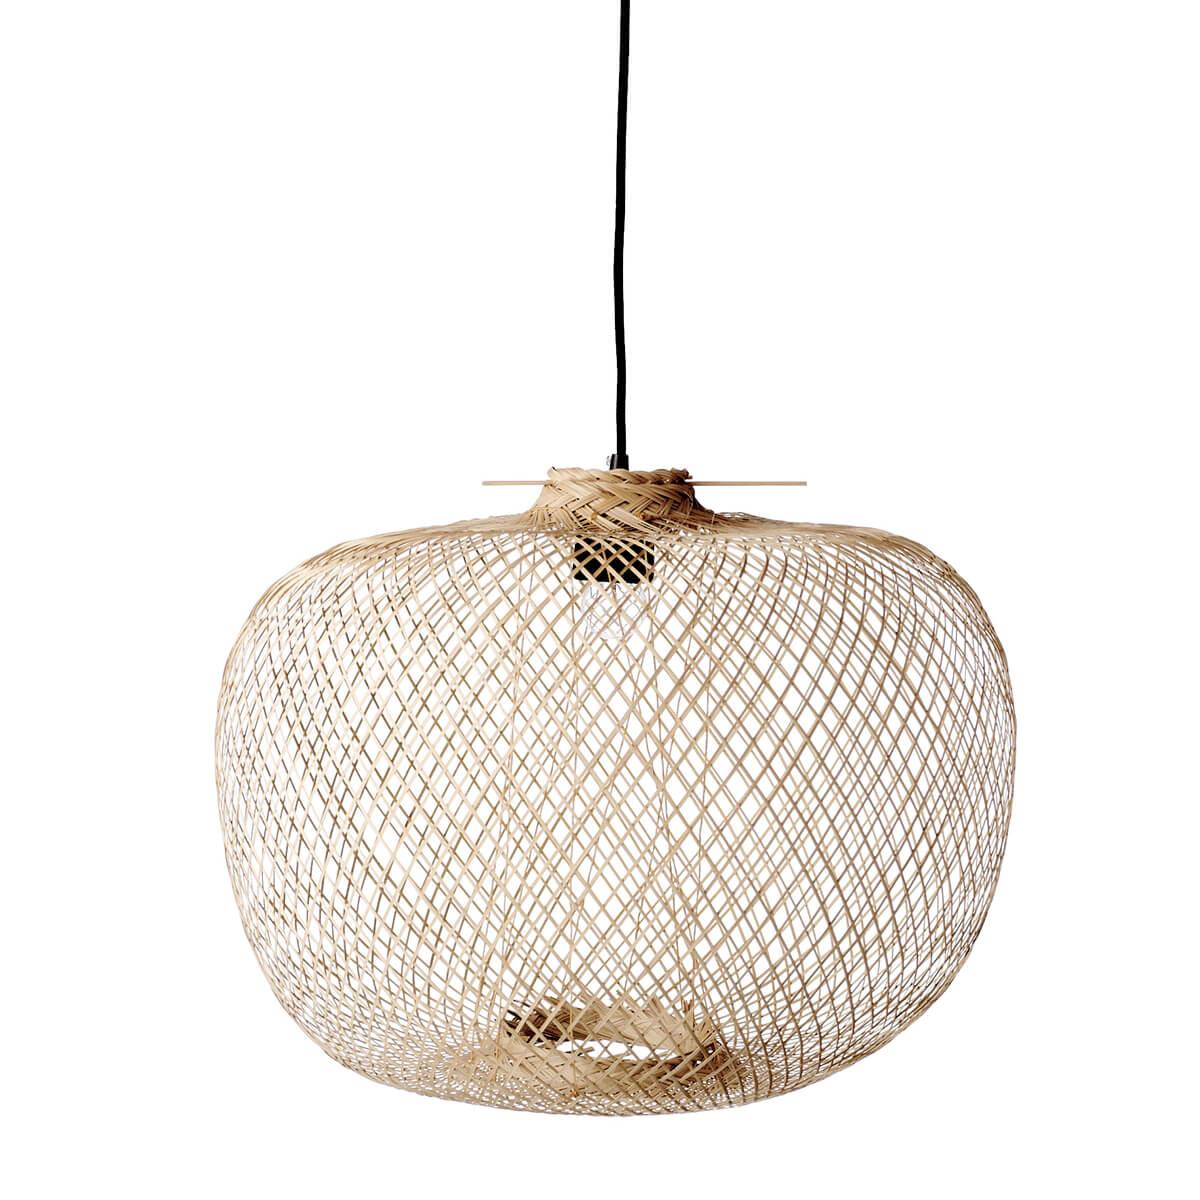 Bambusz függőlámpa skandináv stílus természetesség minimalista megjelenés